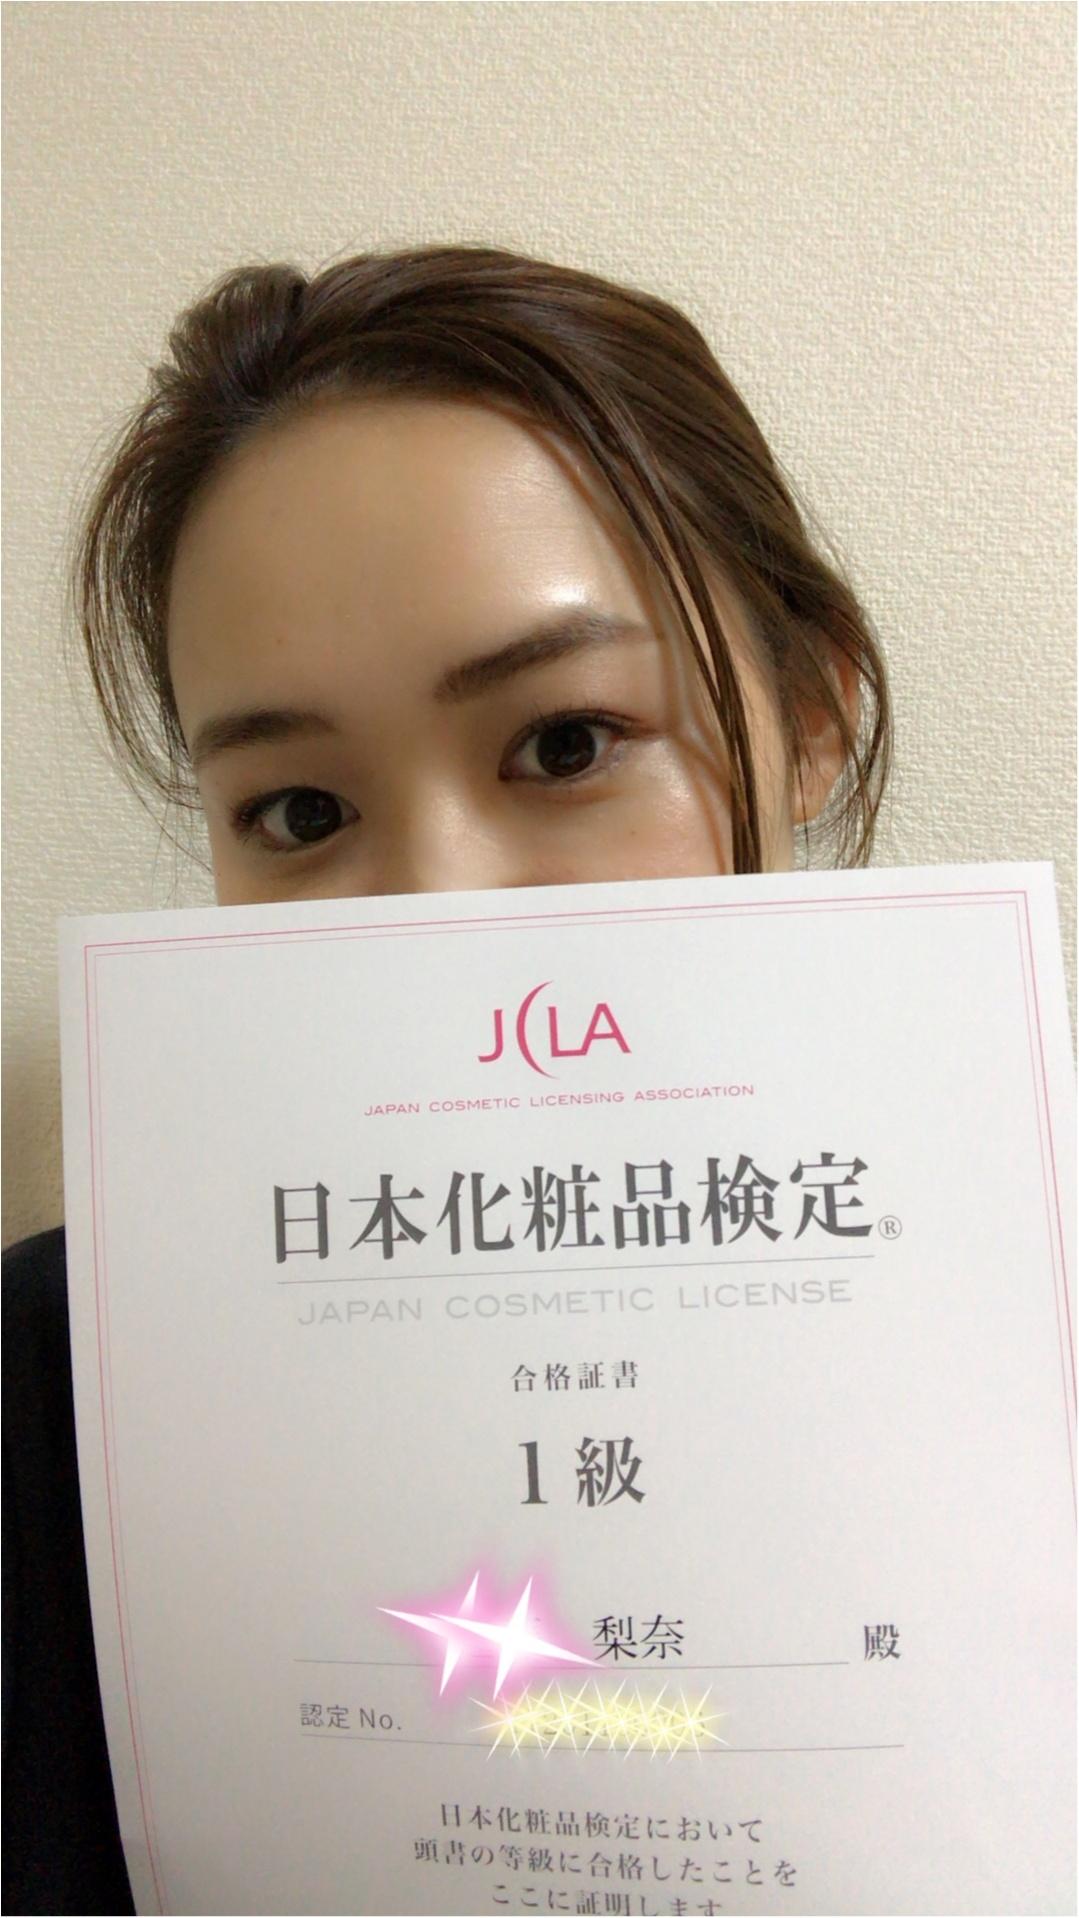 【コスメコンシェルジュ】美容知識を身につける✰日本化粧品検定1級合格しました!!_1